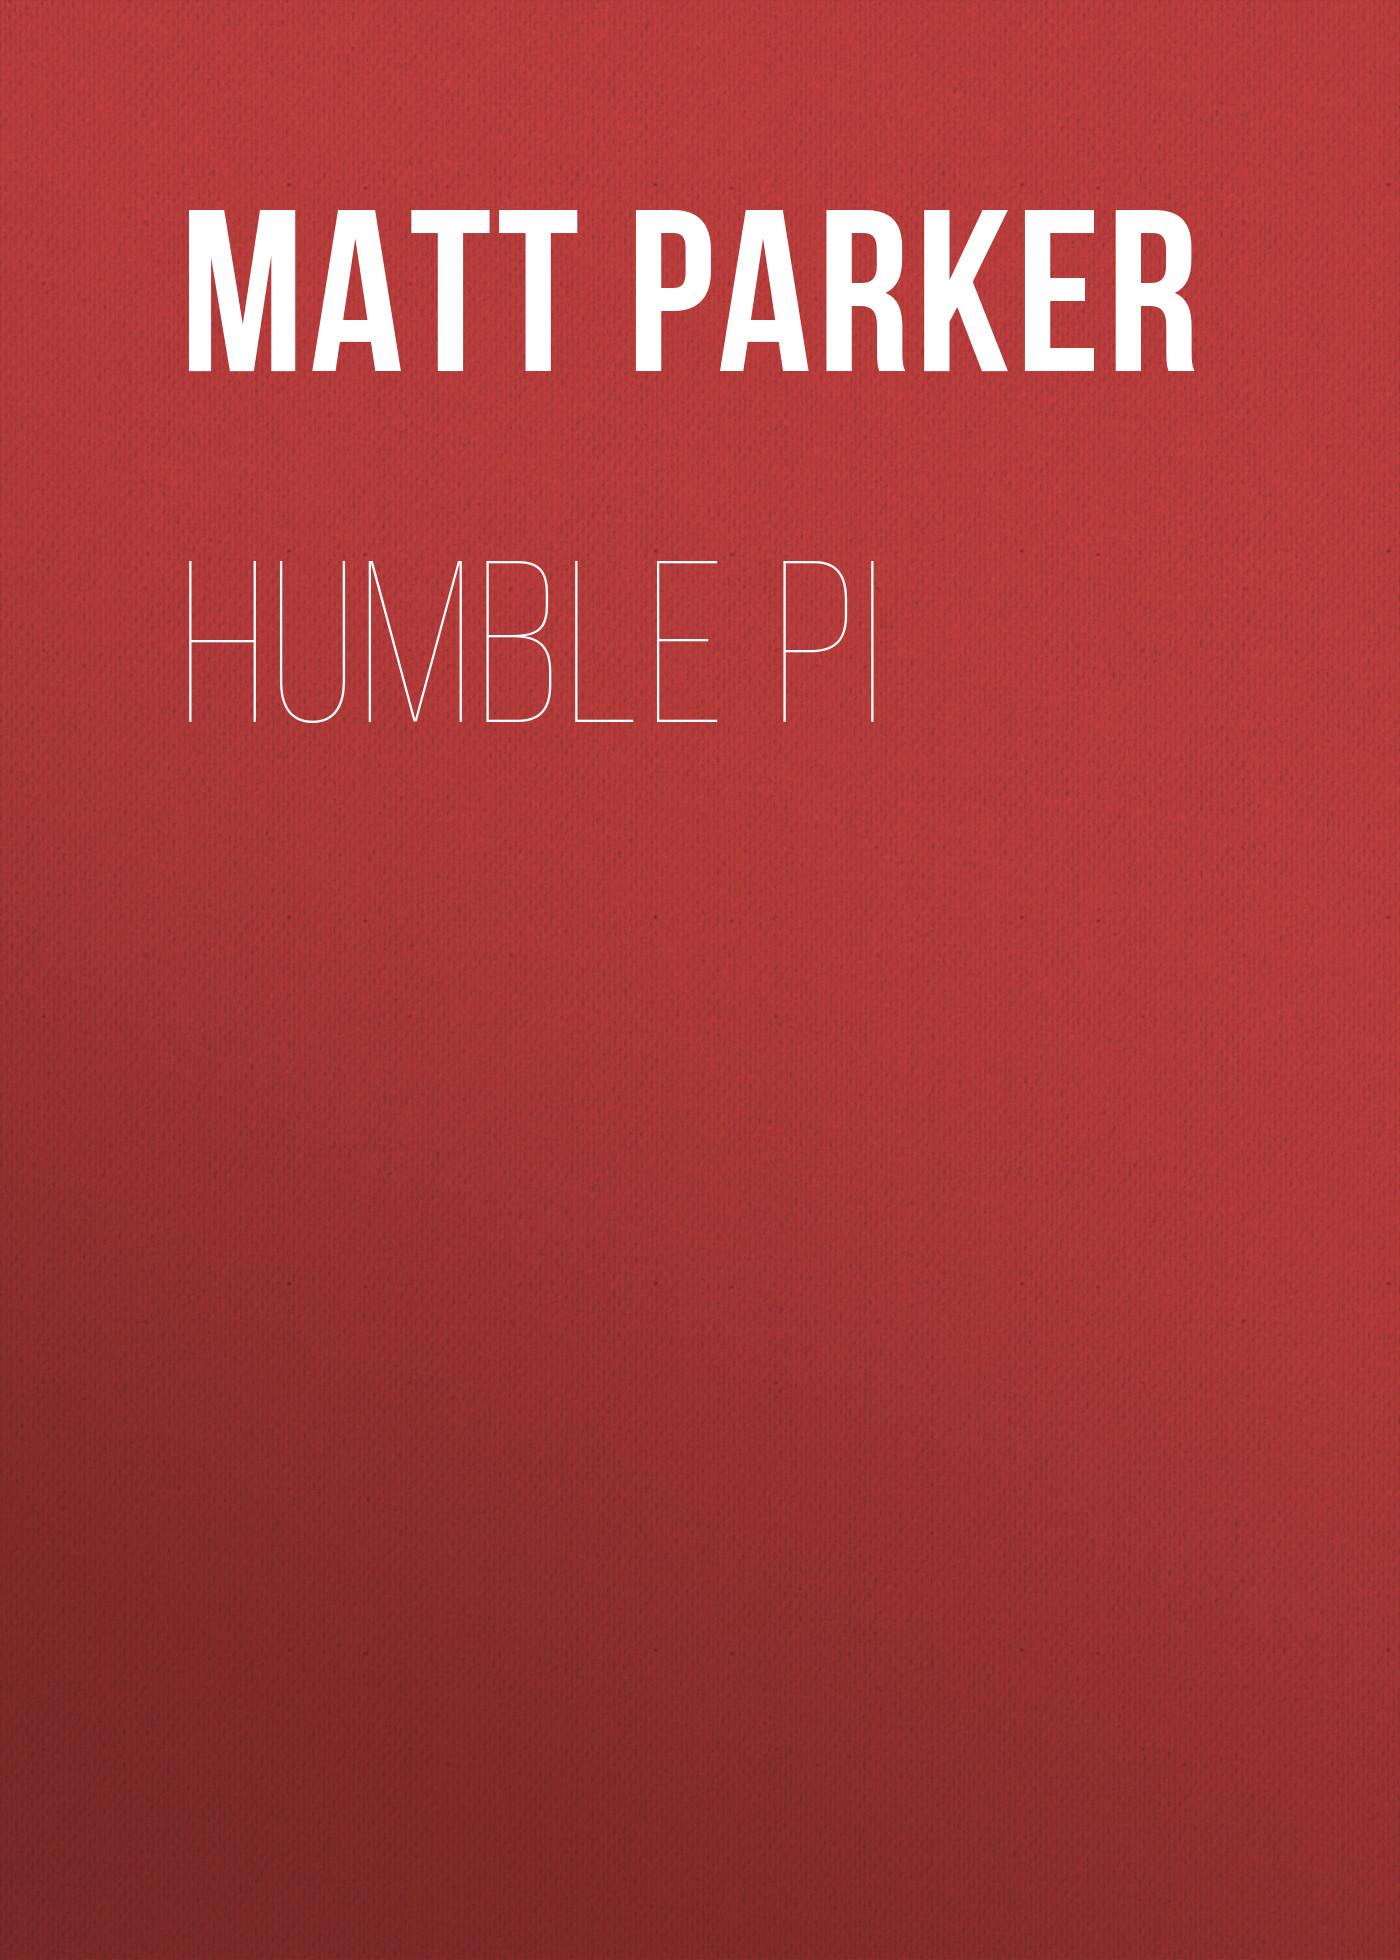 Matt Parker / Humble Pi